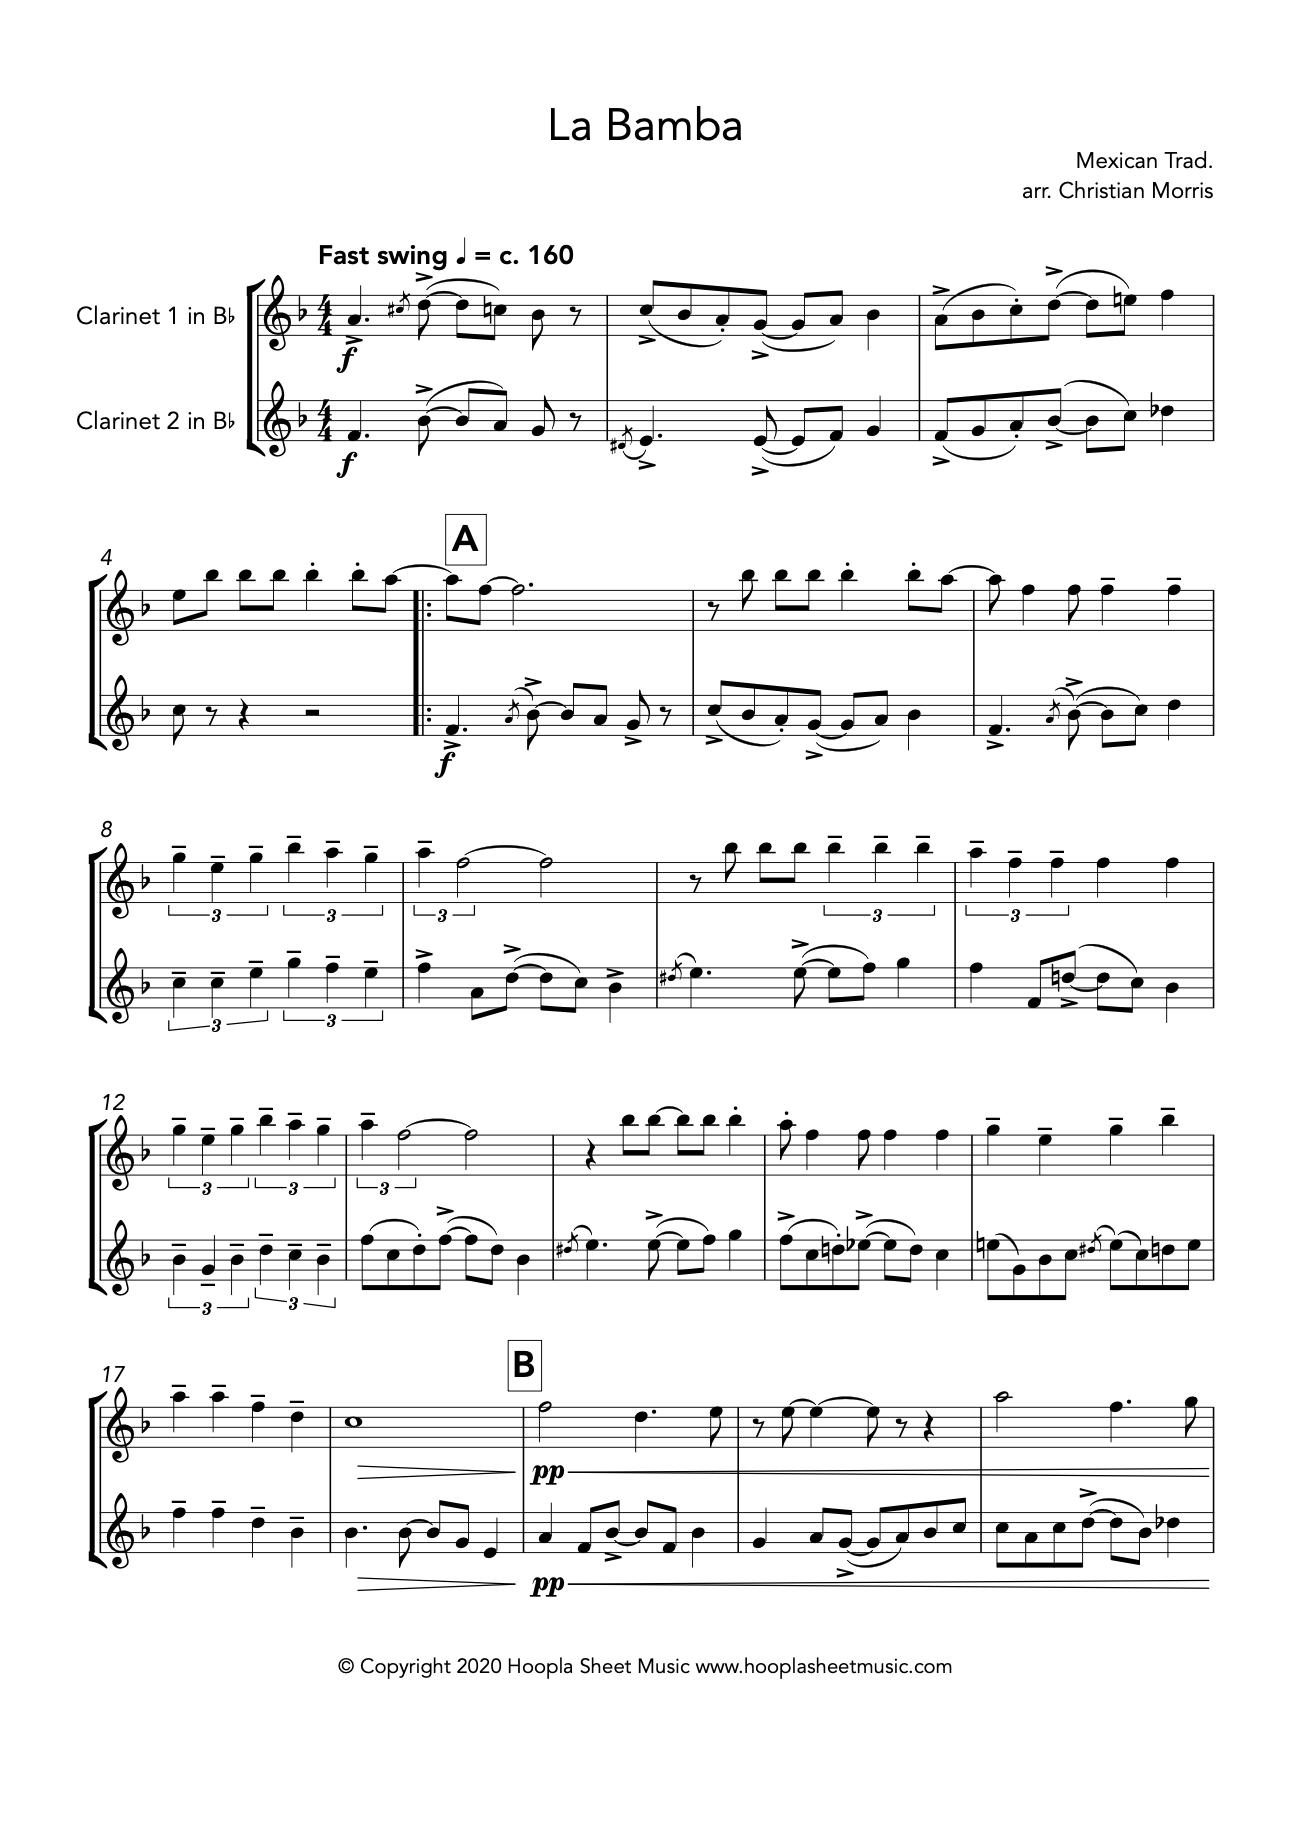 La Bamba (Clarinet Duet)